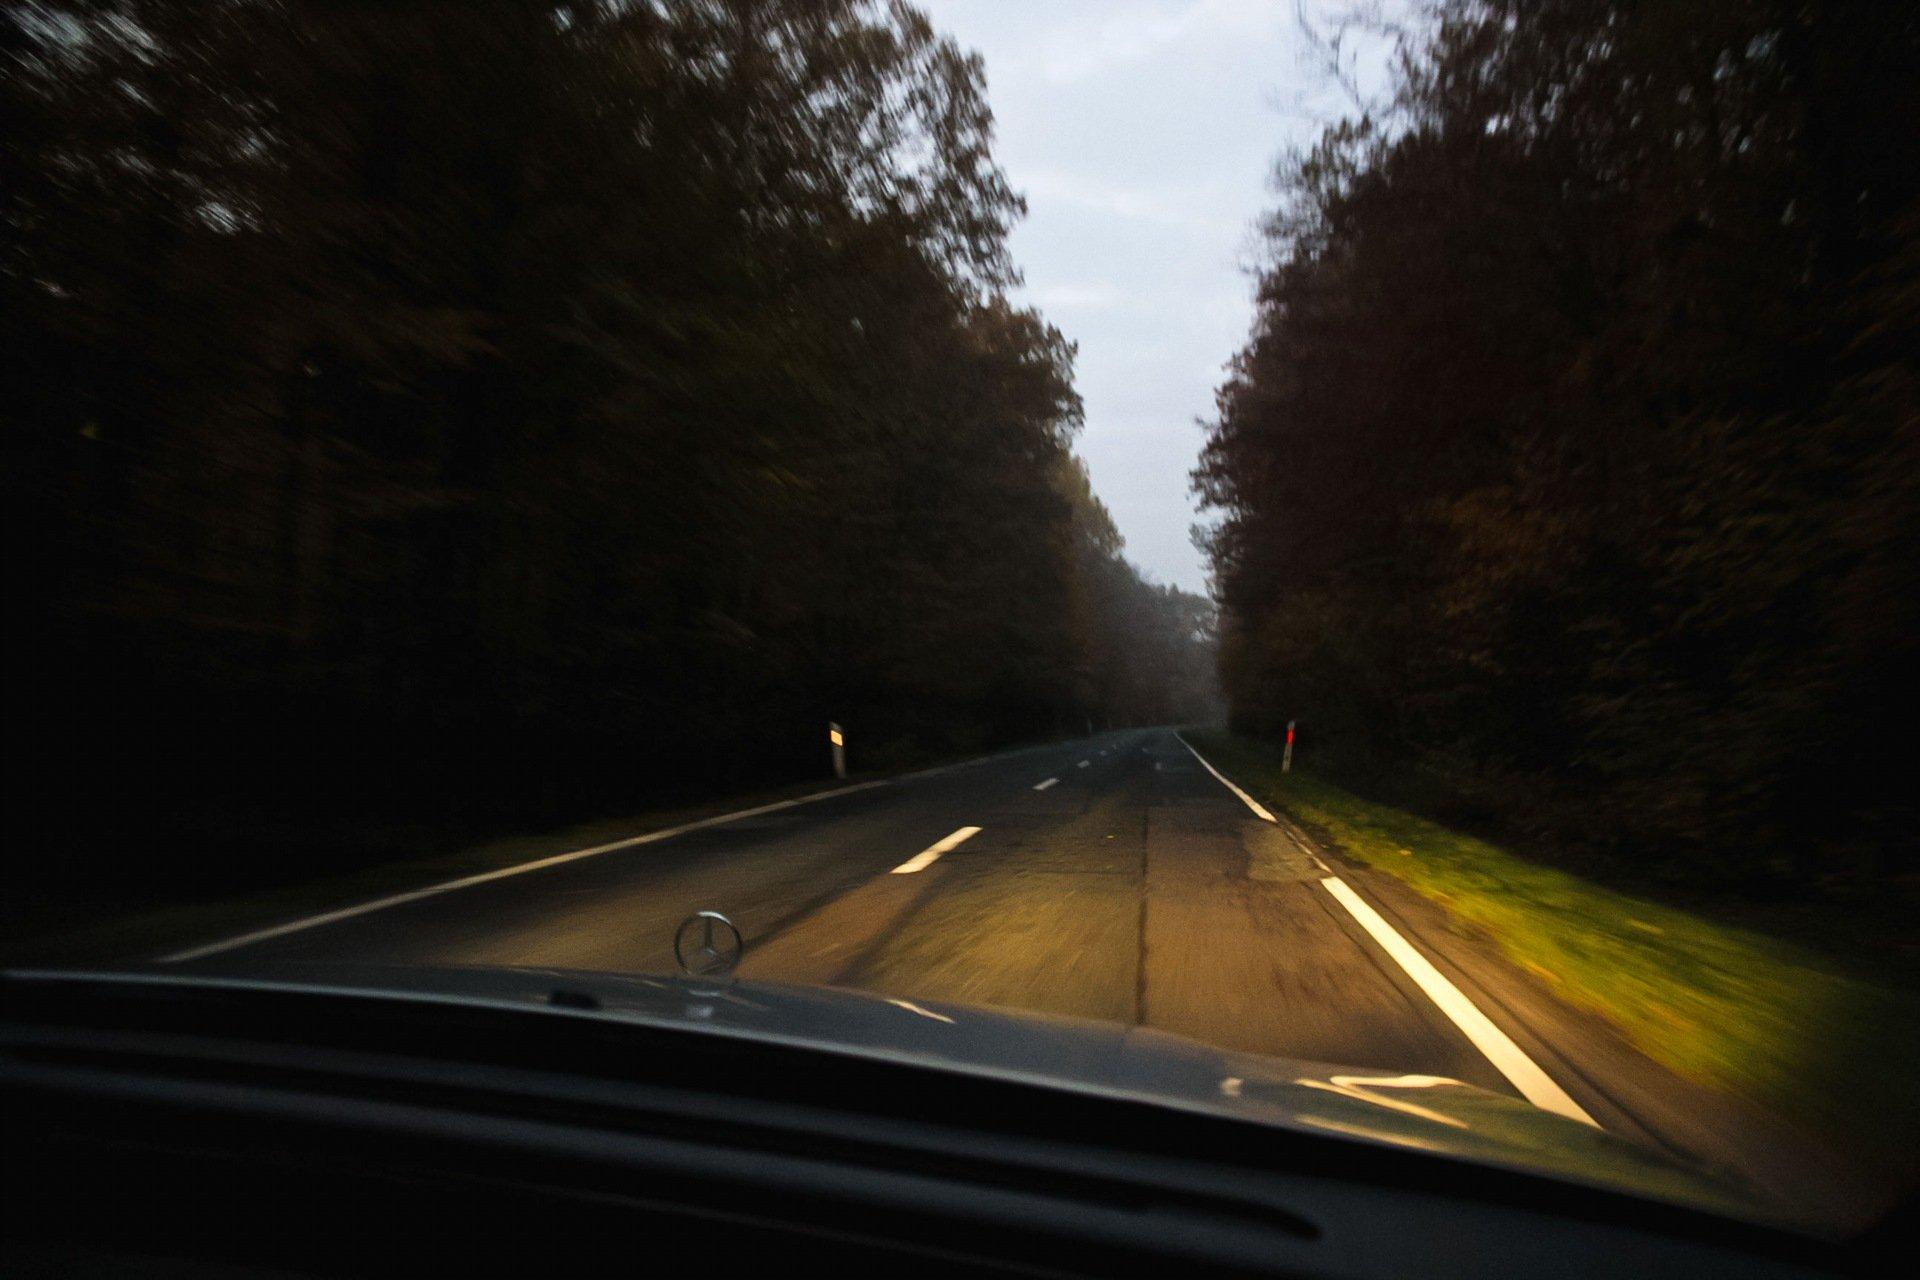 фото вид дороги из окна машины поклонников сериала